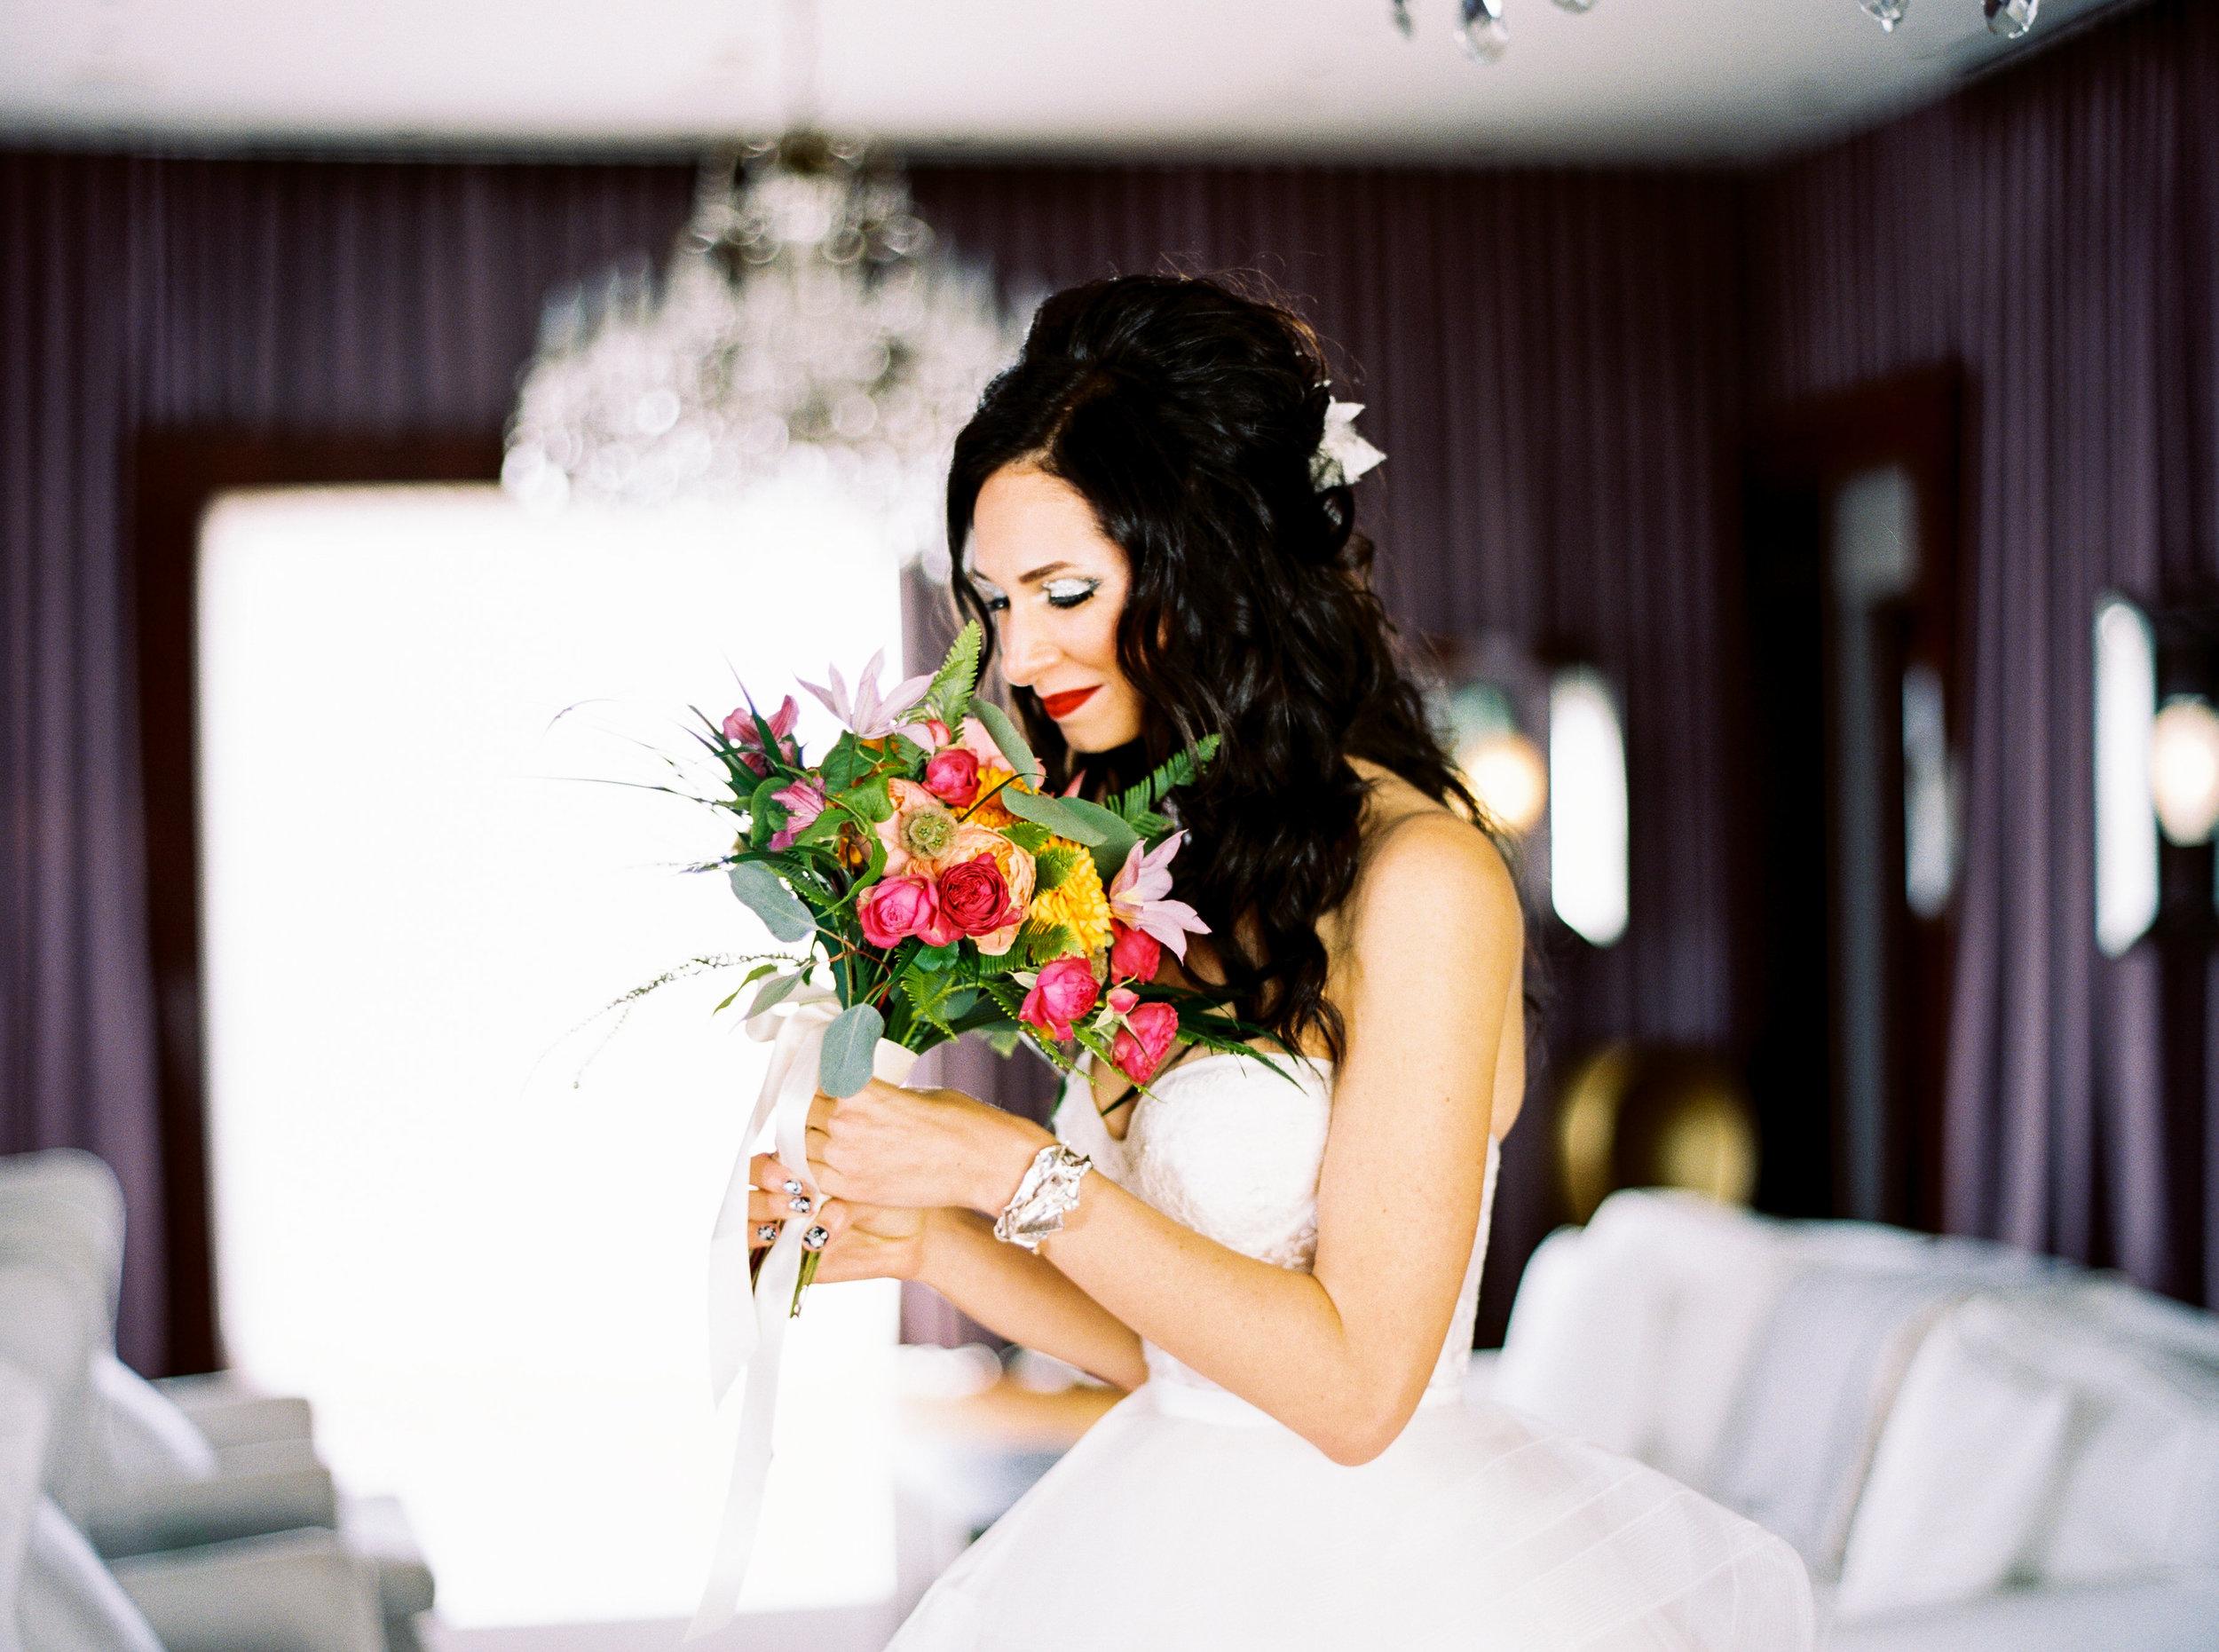 Phillip-Kari-Wedding-ROQUE-Events-Finch-Photo106.jpg